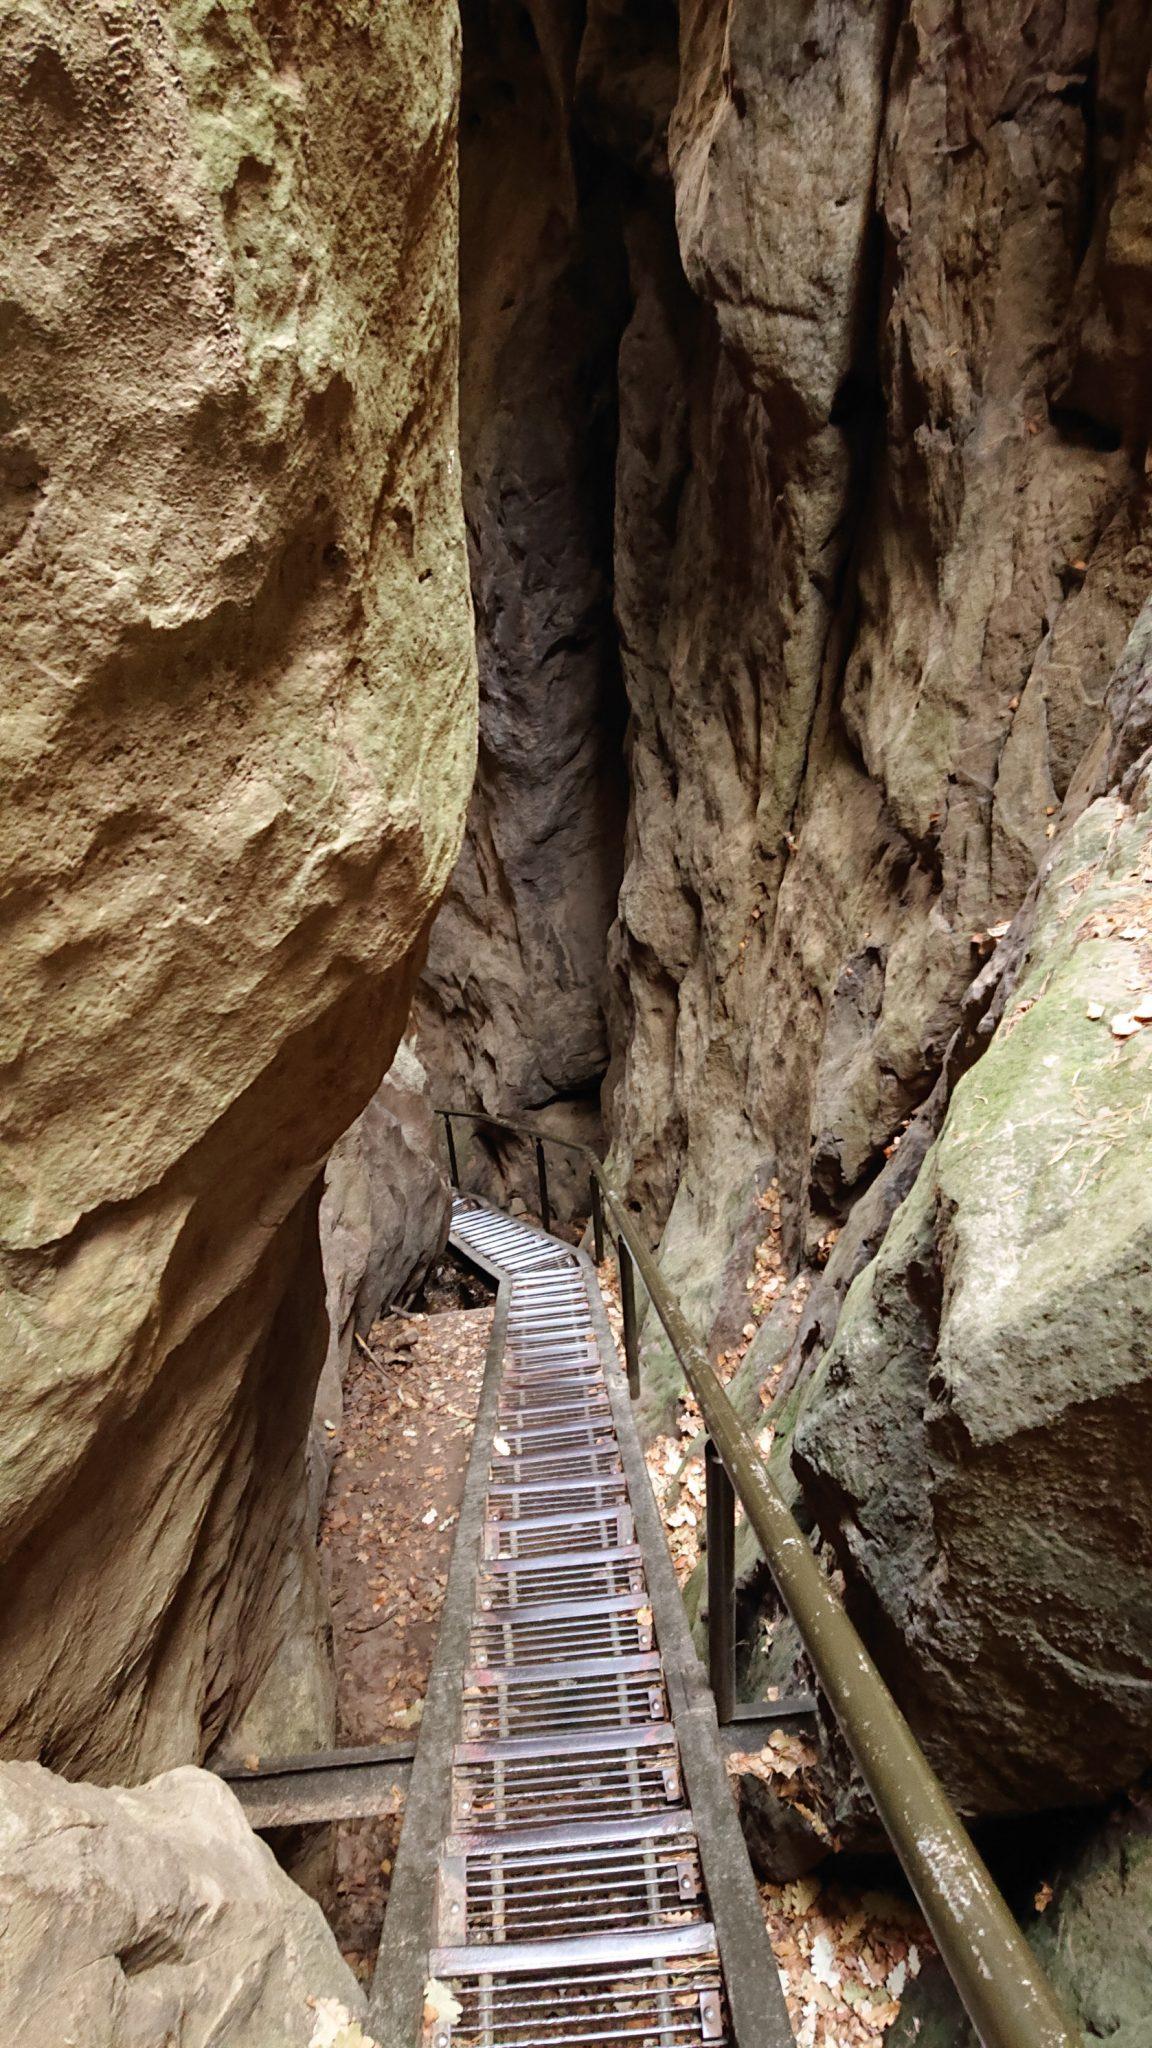 Wanderung durch Polenztal zur Bastei und zu Schwedenlöcher, schmale Metalltreppe beim Hockstein, es folgt schöne Aussicht auf Hohnstein